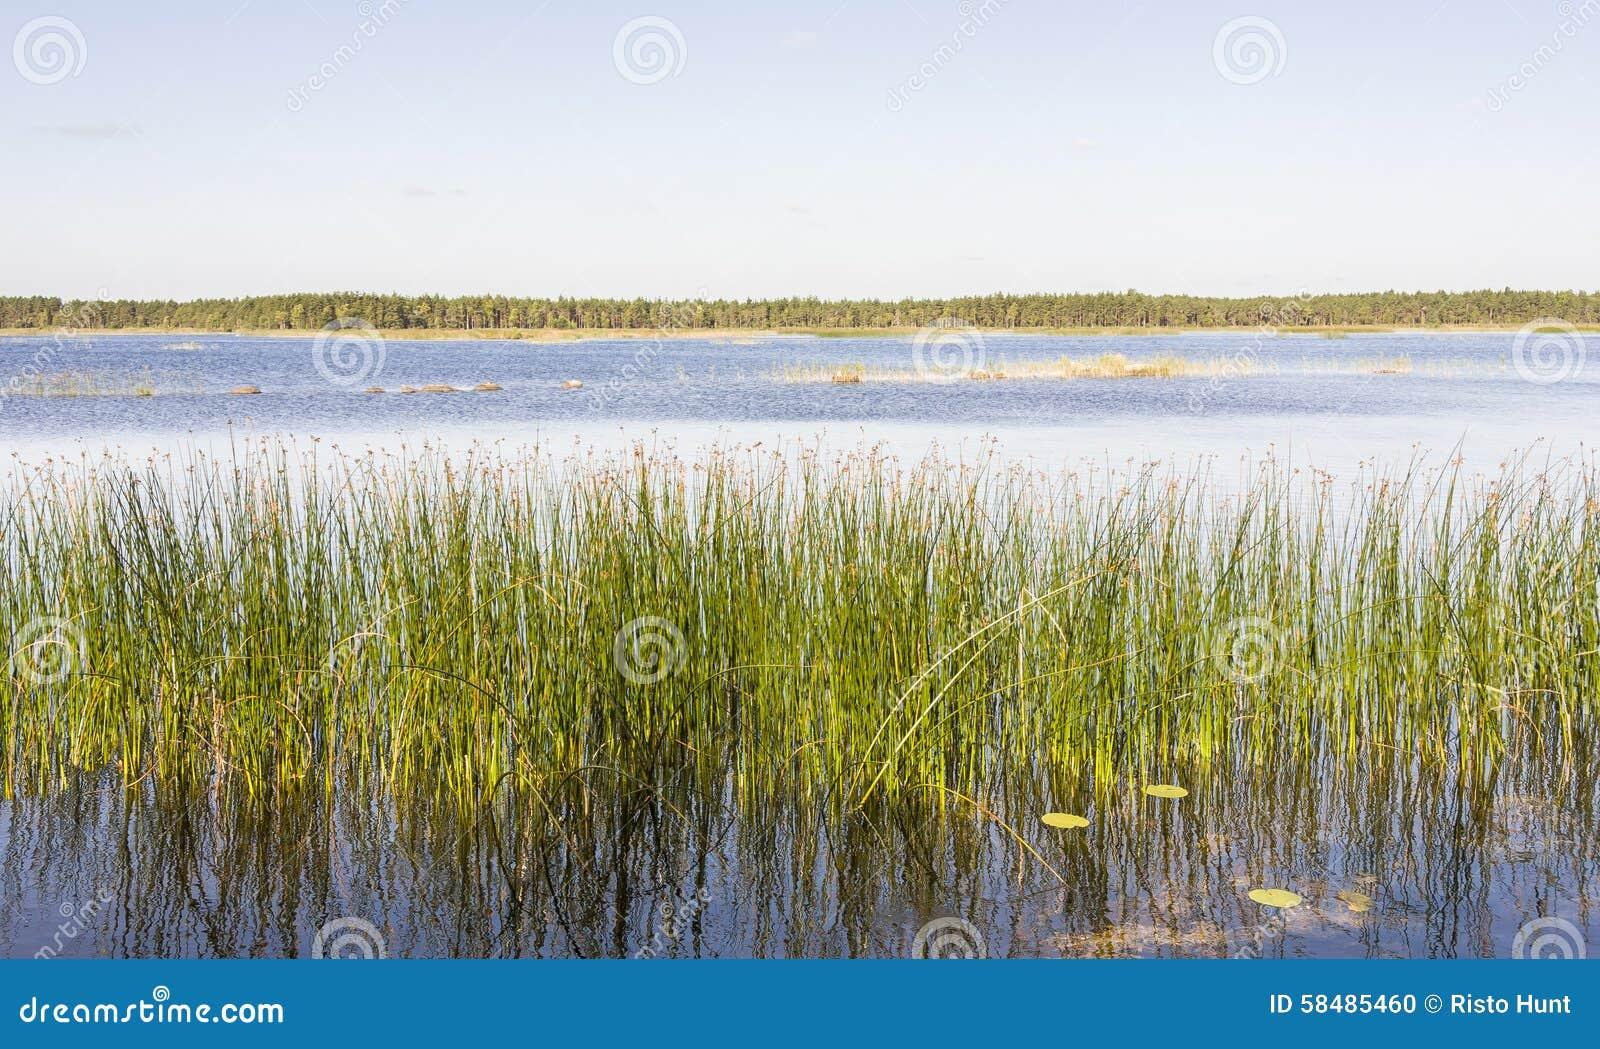 Il panorama della canna verde si sviluppa in un lago